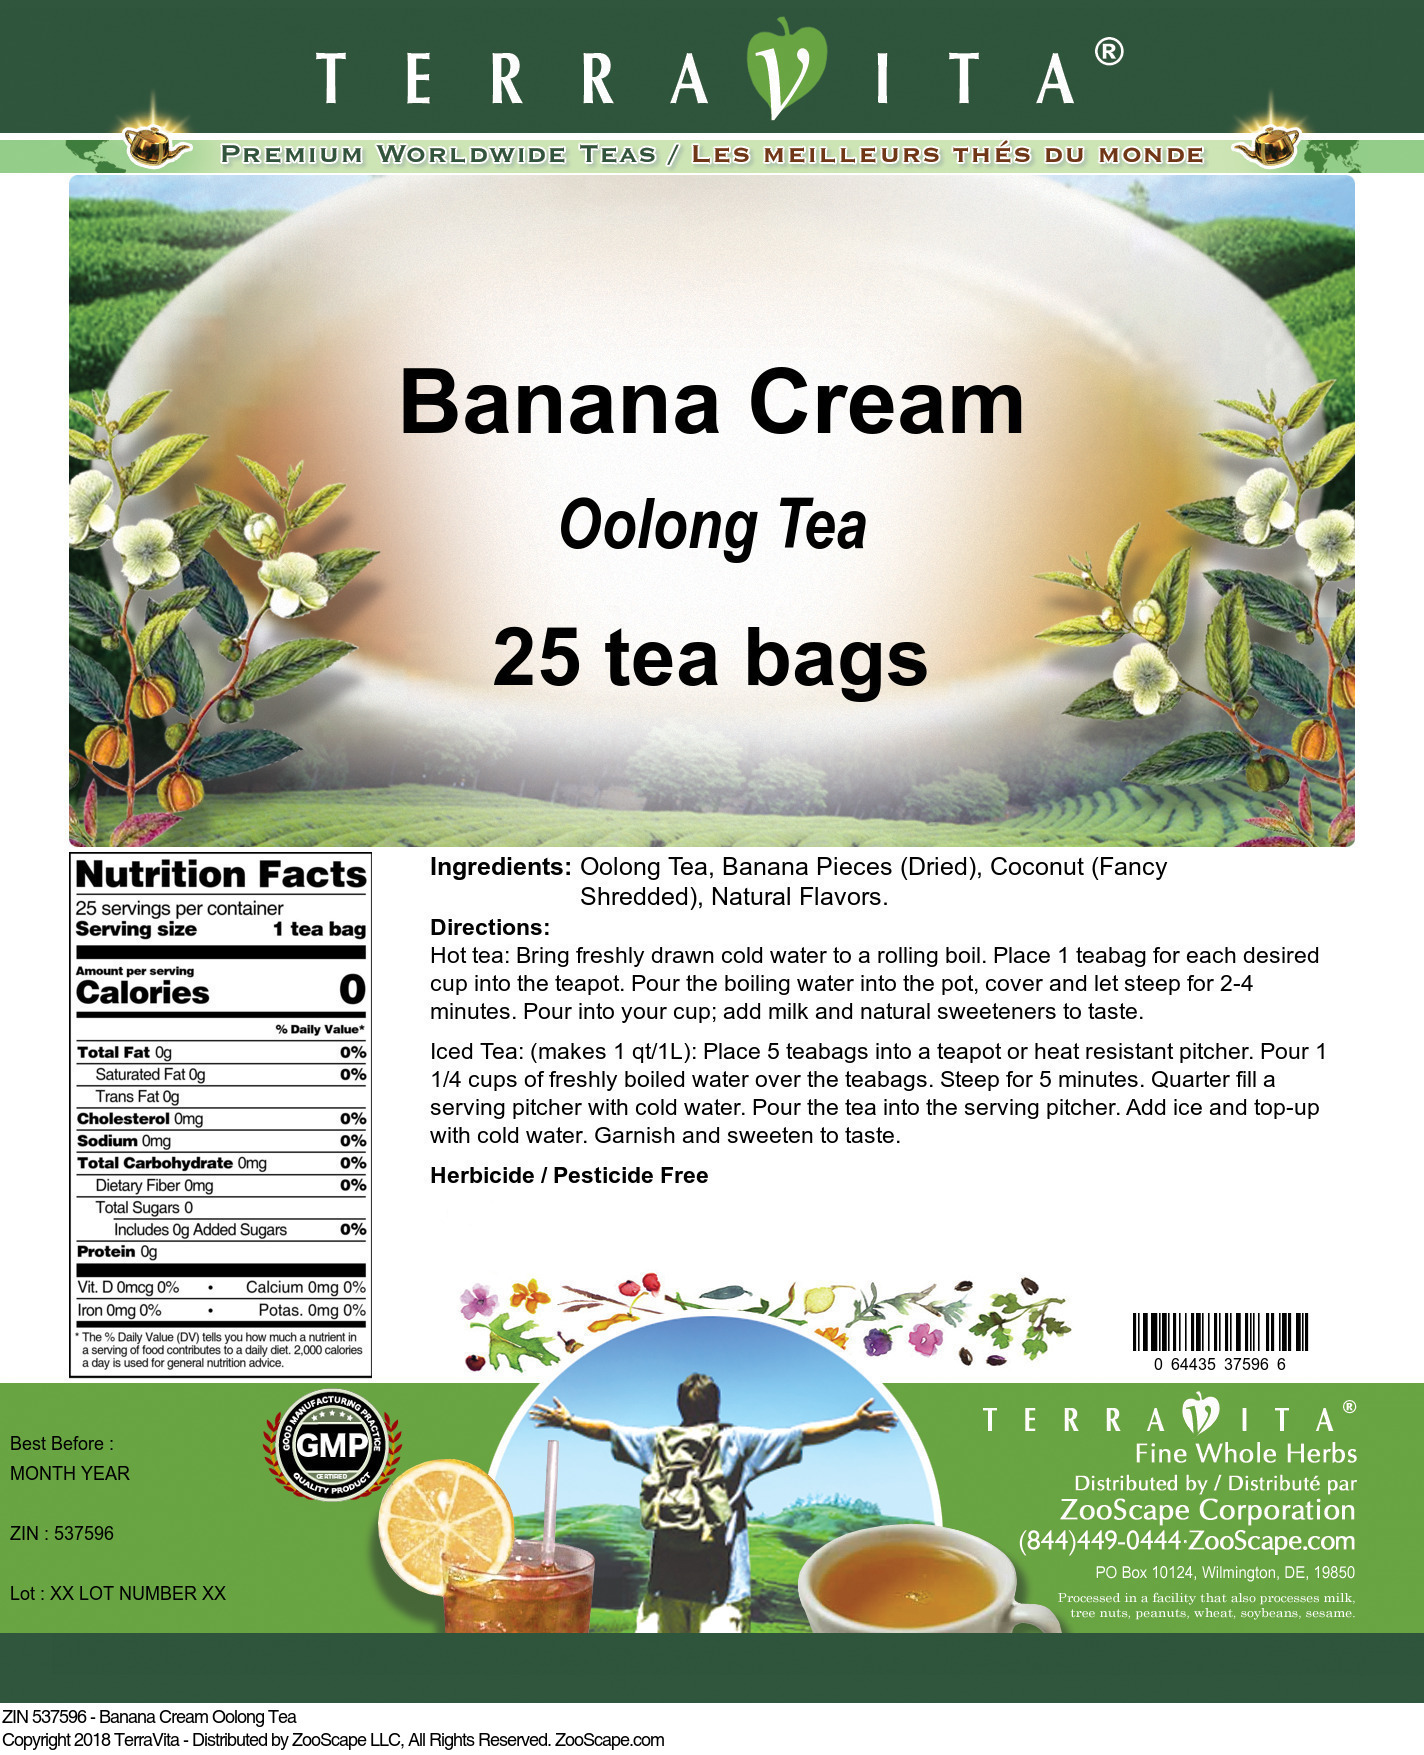 Banana Cream Oolong Tea